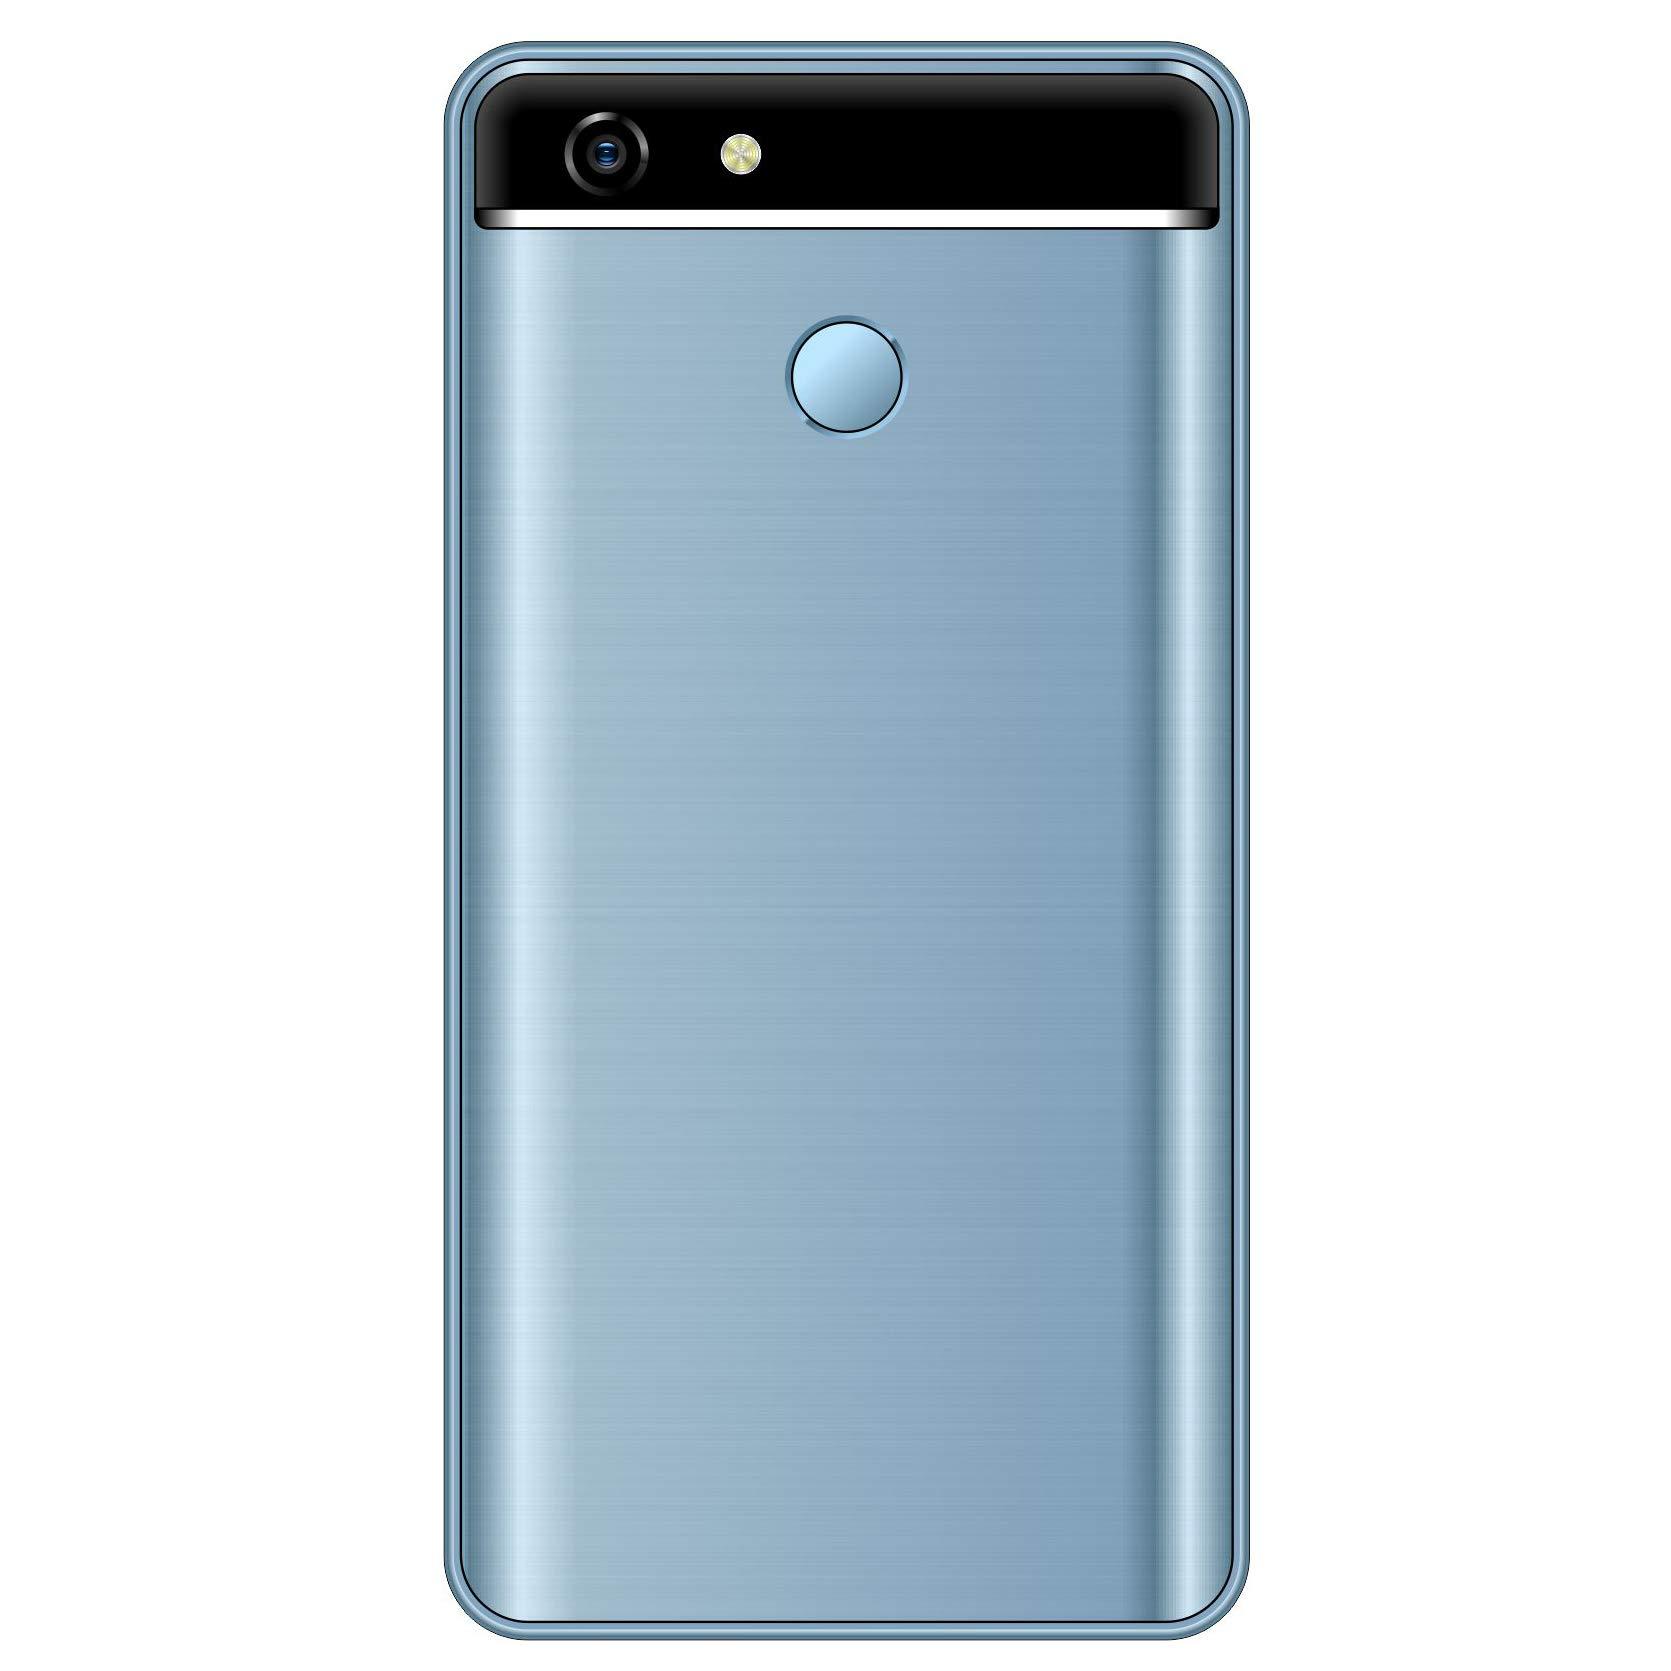 Móviles y Smartphones Libres, 5.0 Pulgadas Android GO Teléfono (5.0MP Cámara,Teléfonos binarios con Tarjeta Doble ,GPS,WiFi,Bluetooth) (A30-Azul*): Amazon.es: Electrónica